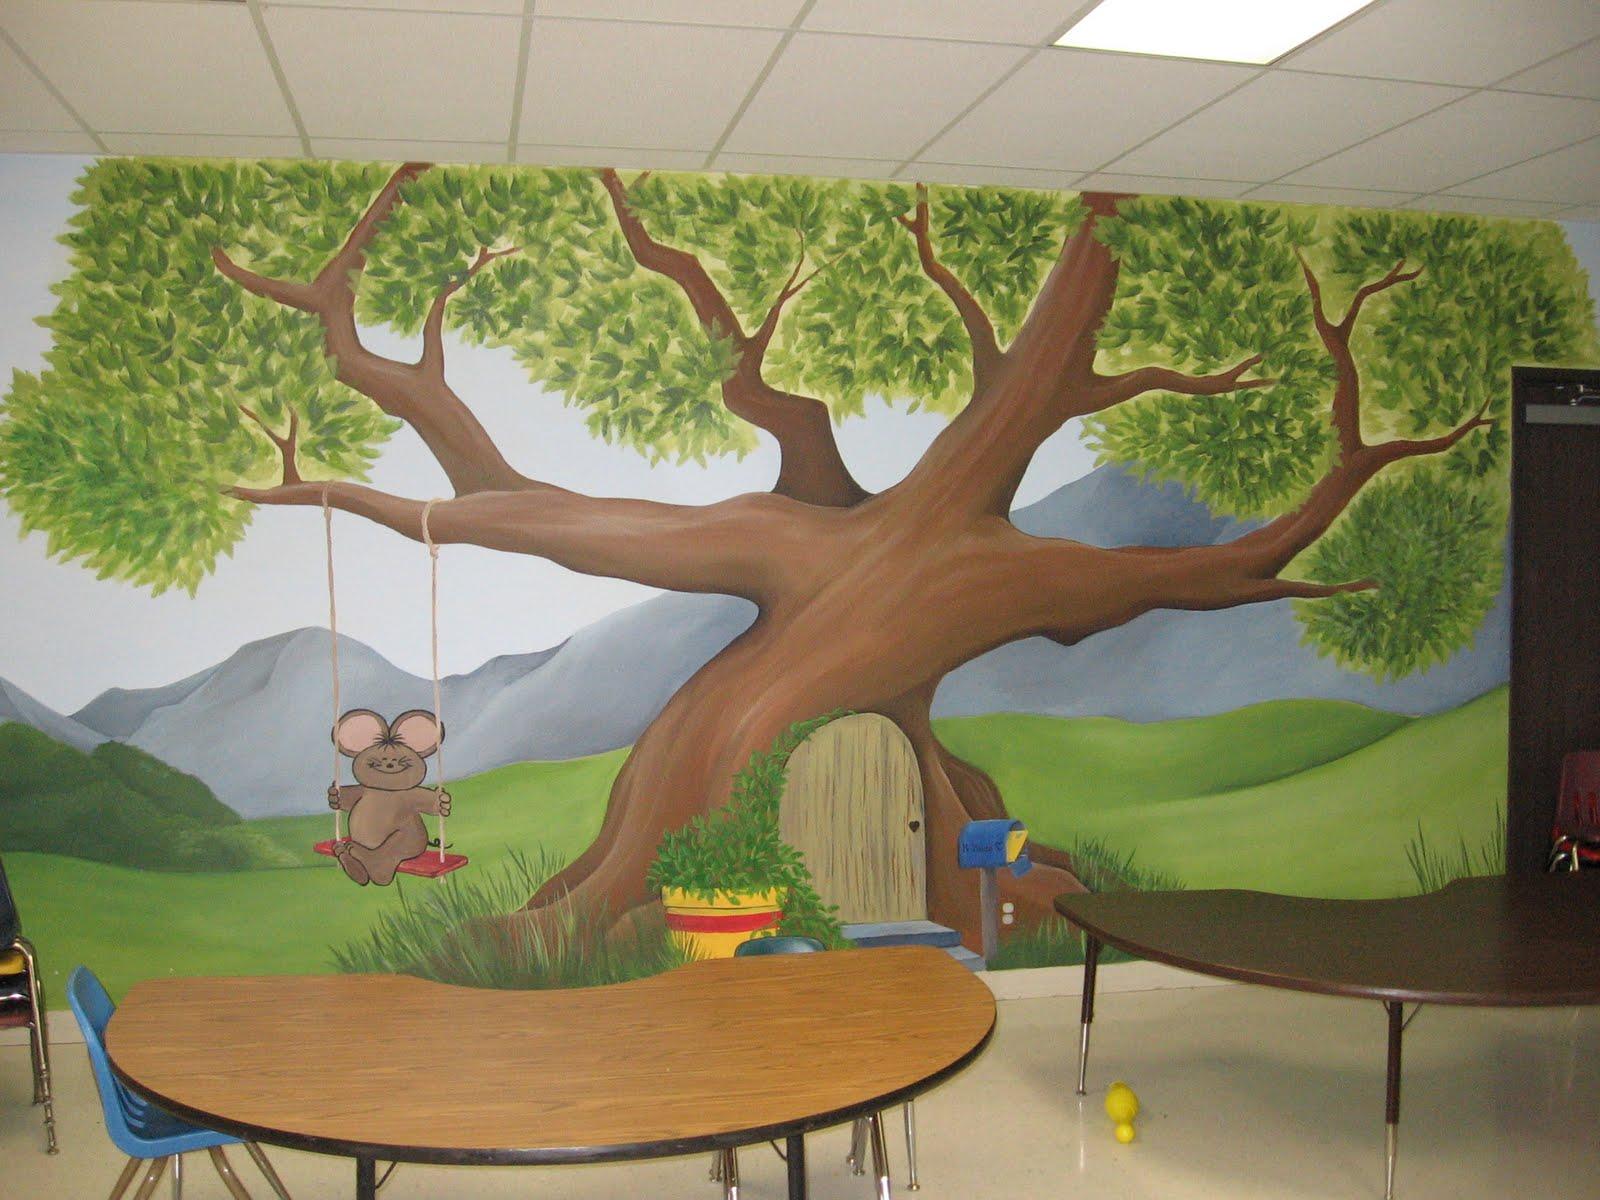 Bermulanya di prasekolah ini melukis mural for Contoh lukisan mural tadika